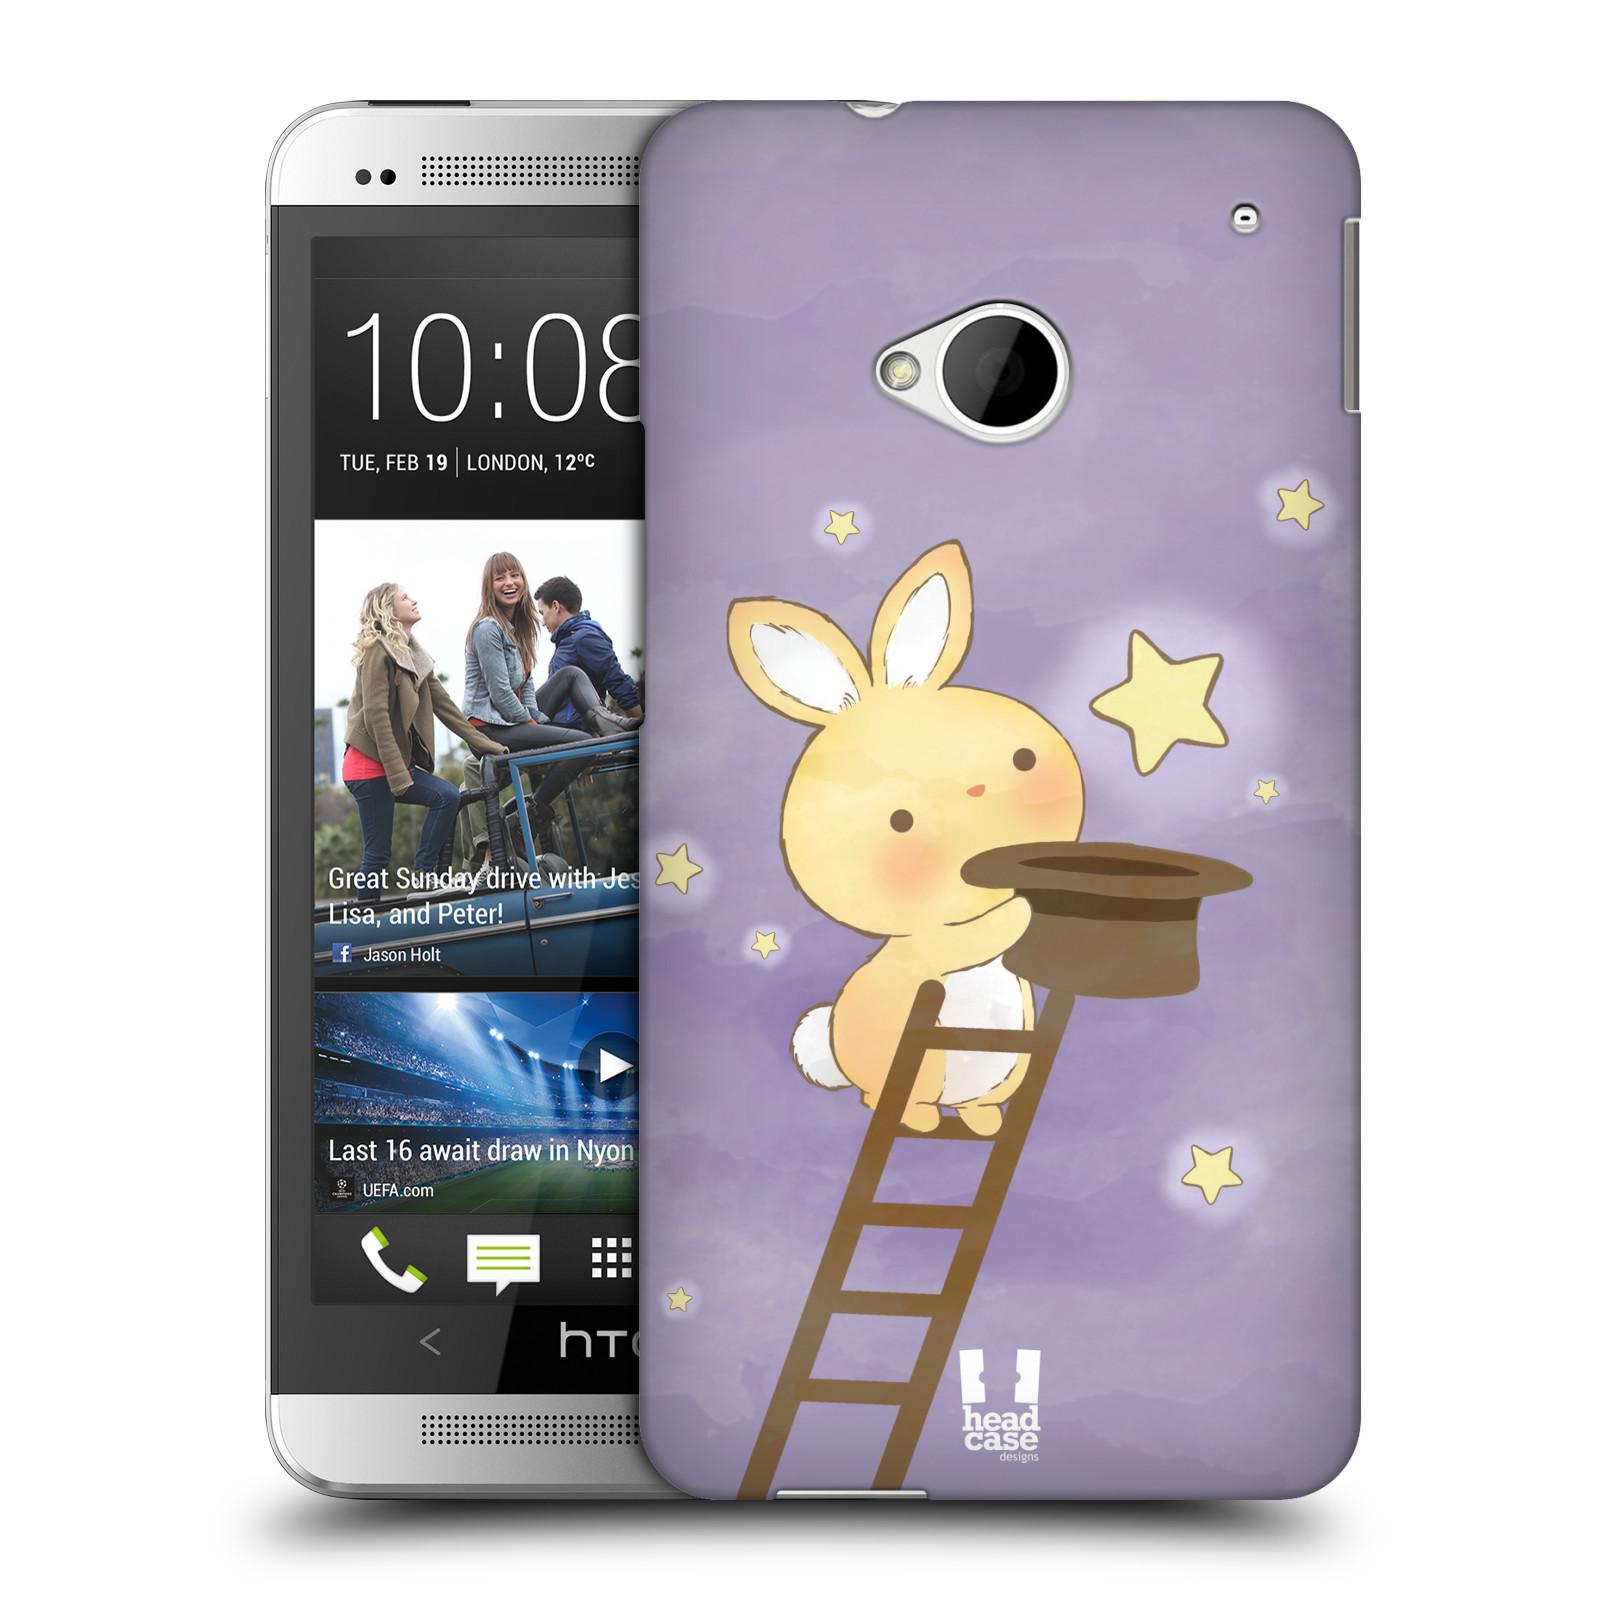 HEAD CASE plastový obal na mobil HTC One (M7) vzor králíček a hvězdy fialová